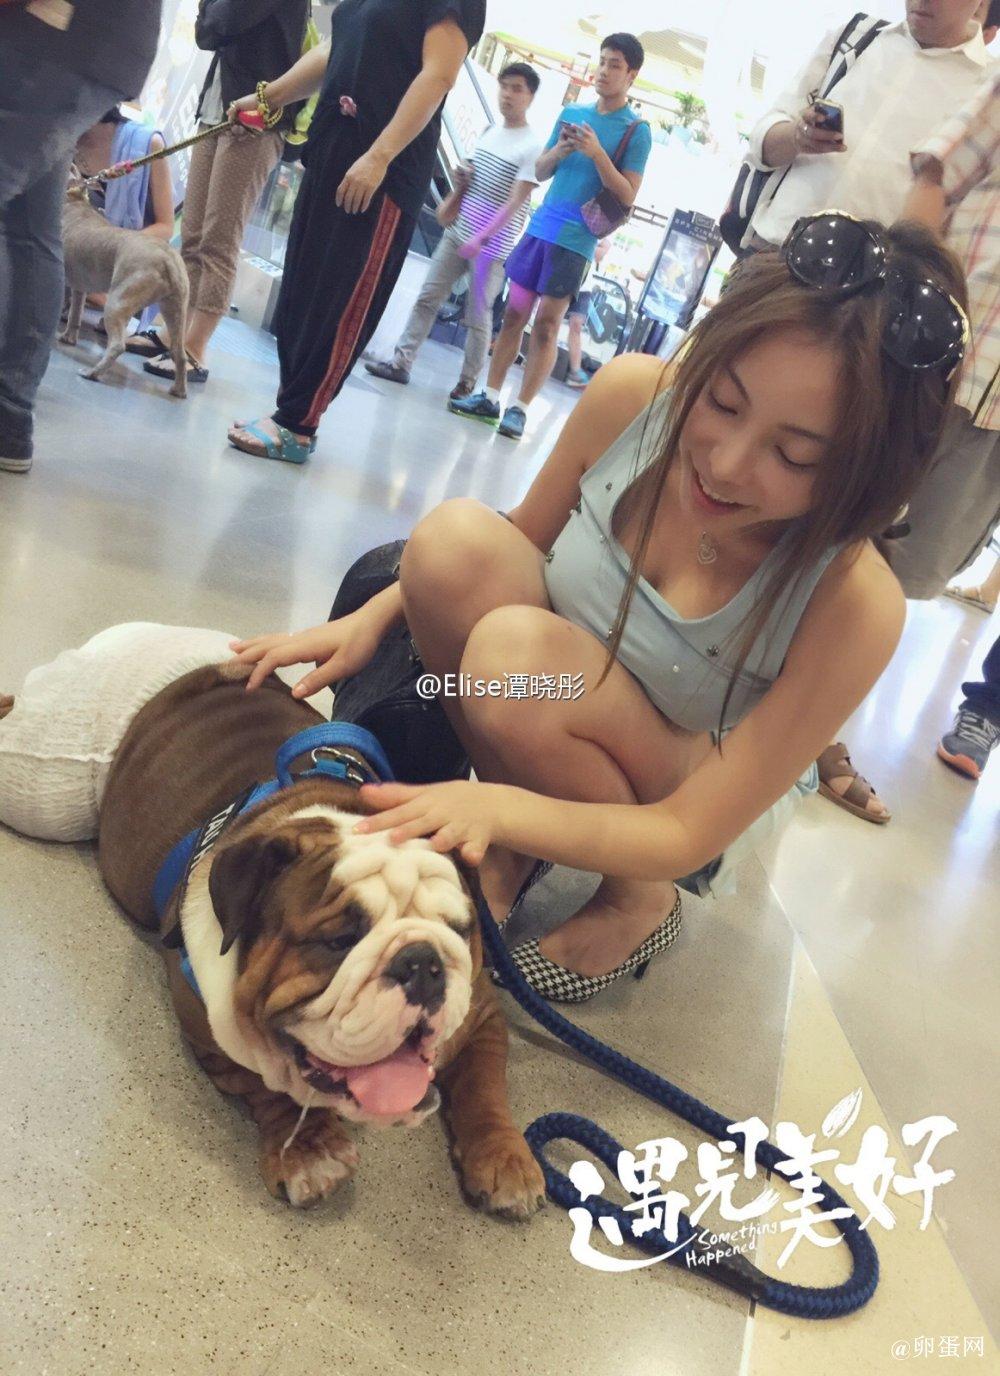 福利汇总推荐第49期:可爱的狗狗